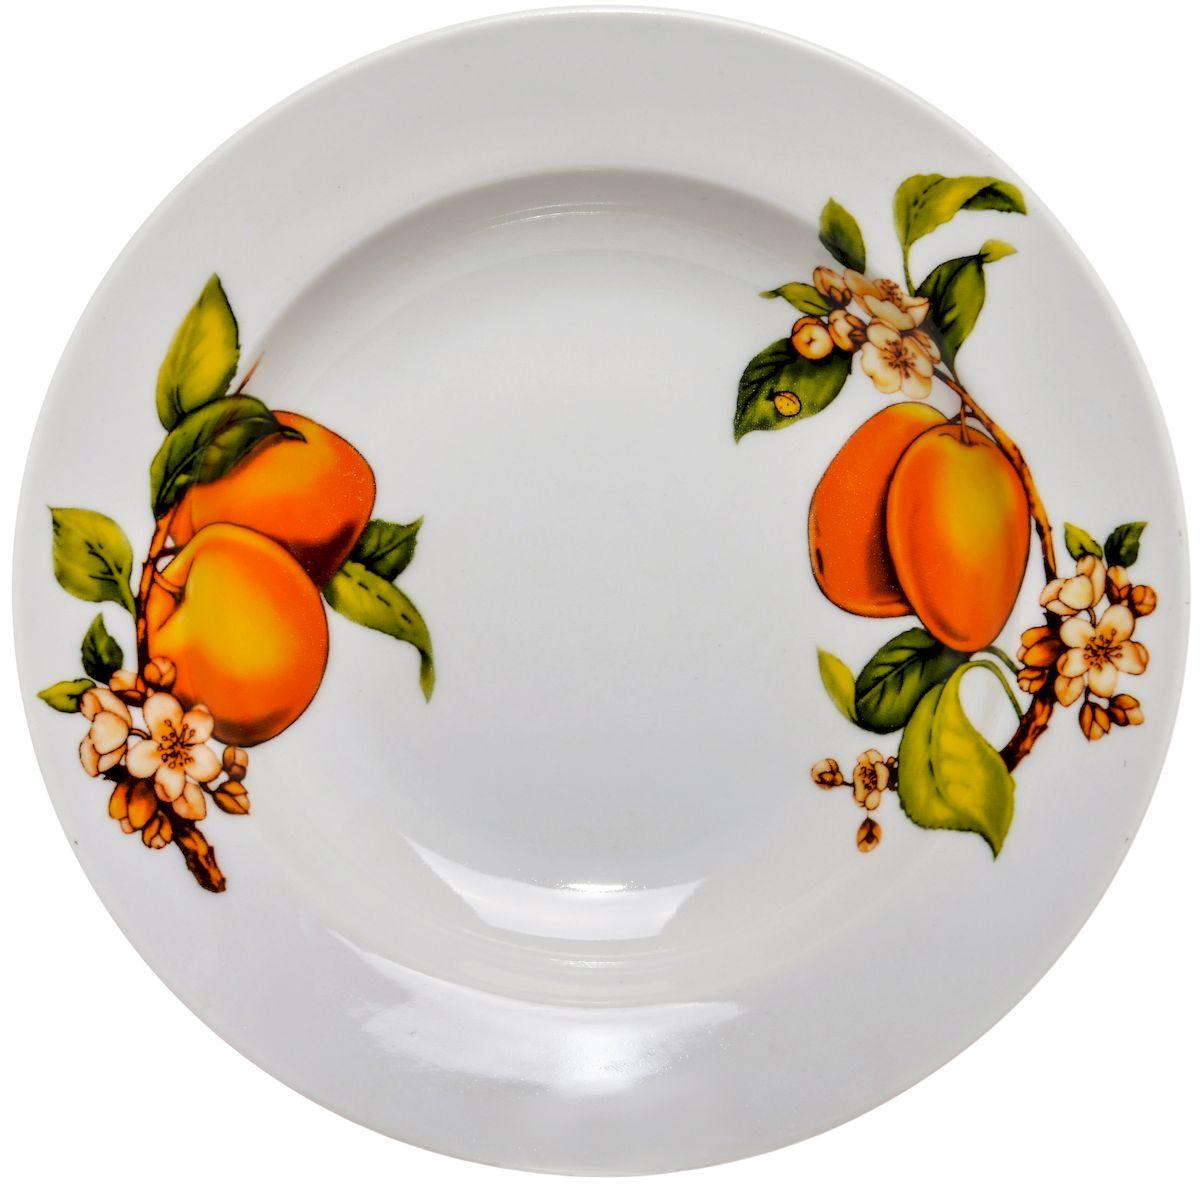 Тарелка глубокая Дулевский фарфор Абрикосы, 20 см54 009312Посуду можно использовать в СВЧ и мыть в посудомоечных машинах. Не рекомендуется использовать абразивные моющие средства.